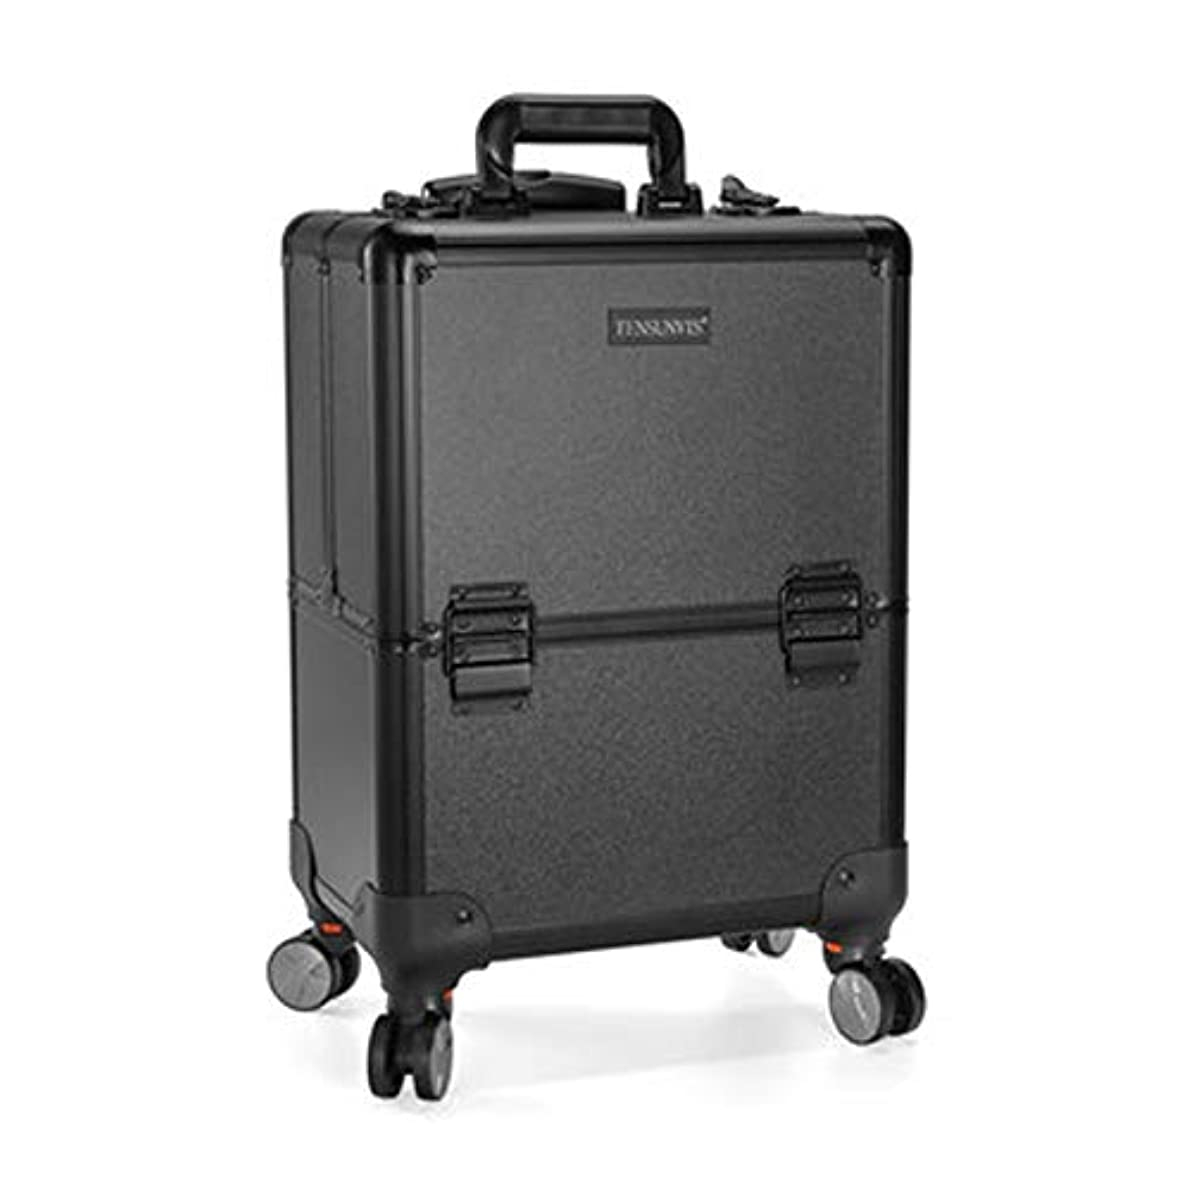 キモい描く先生プロ専用 美容師 クローゼット スーツケース メイクボックス キャリーバッグ ヘアメイク プロ 大容量 軽量 高品質 多機能 I-TT-317T-B